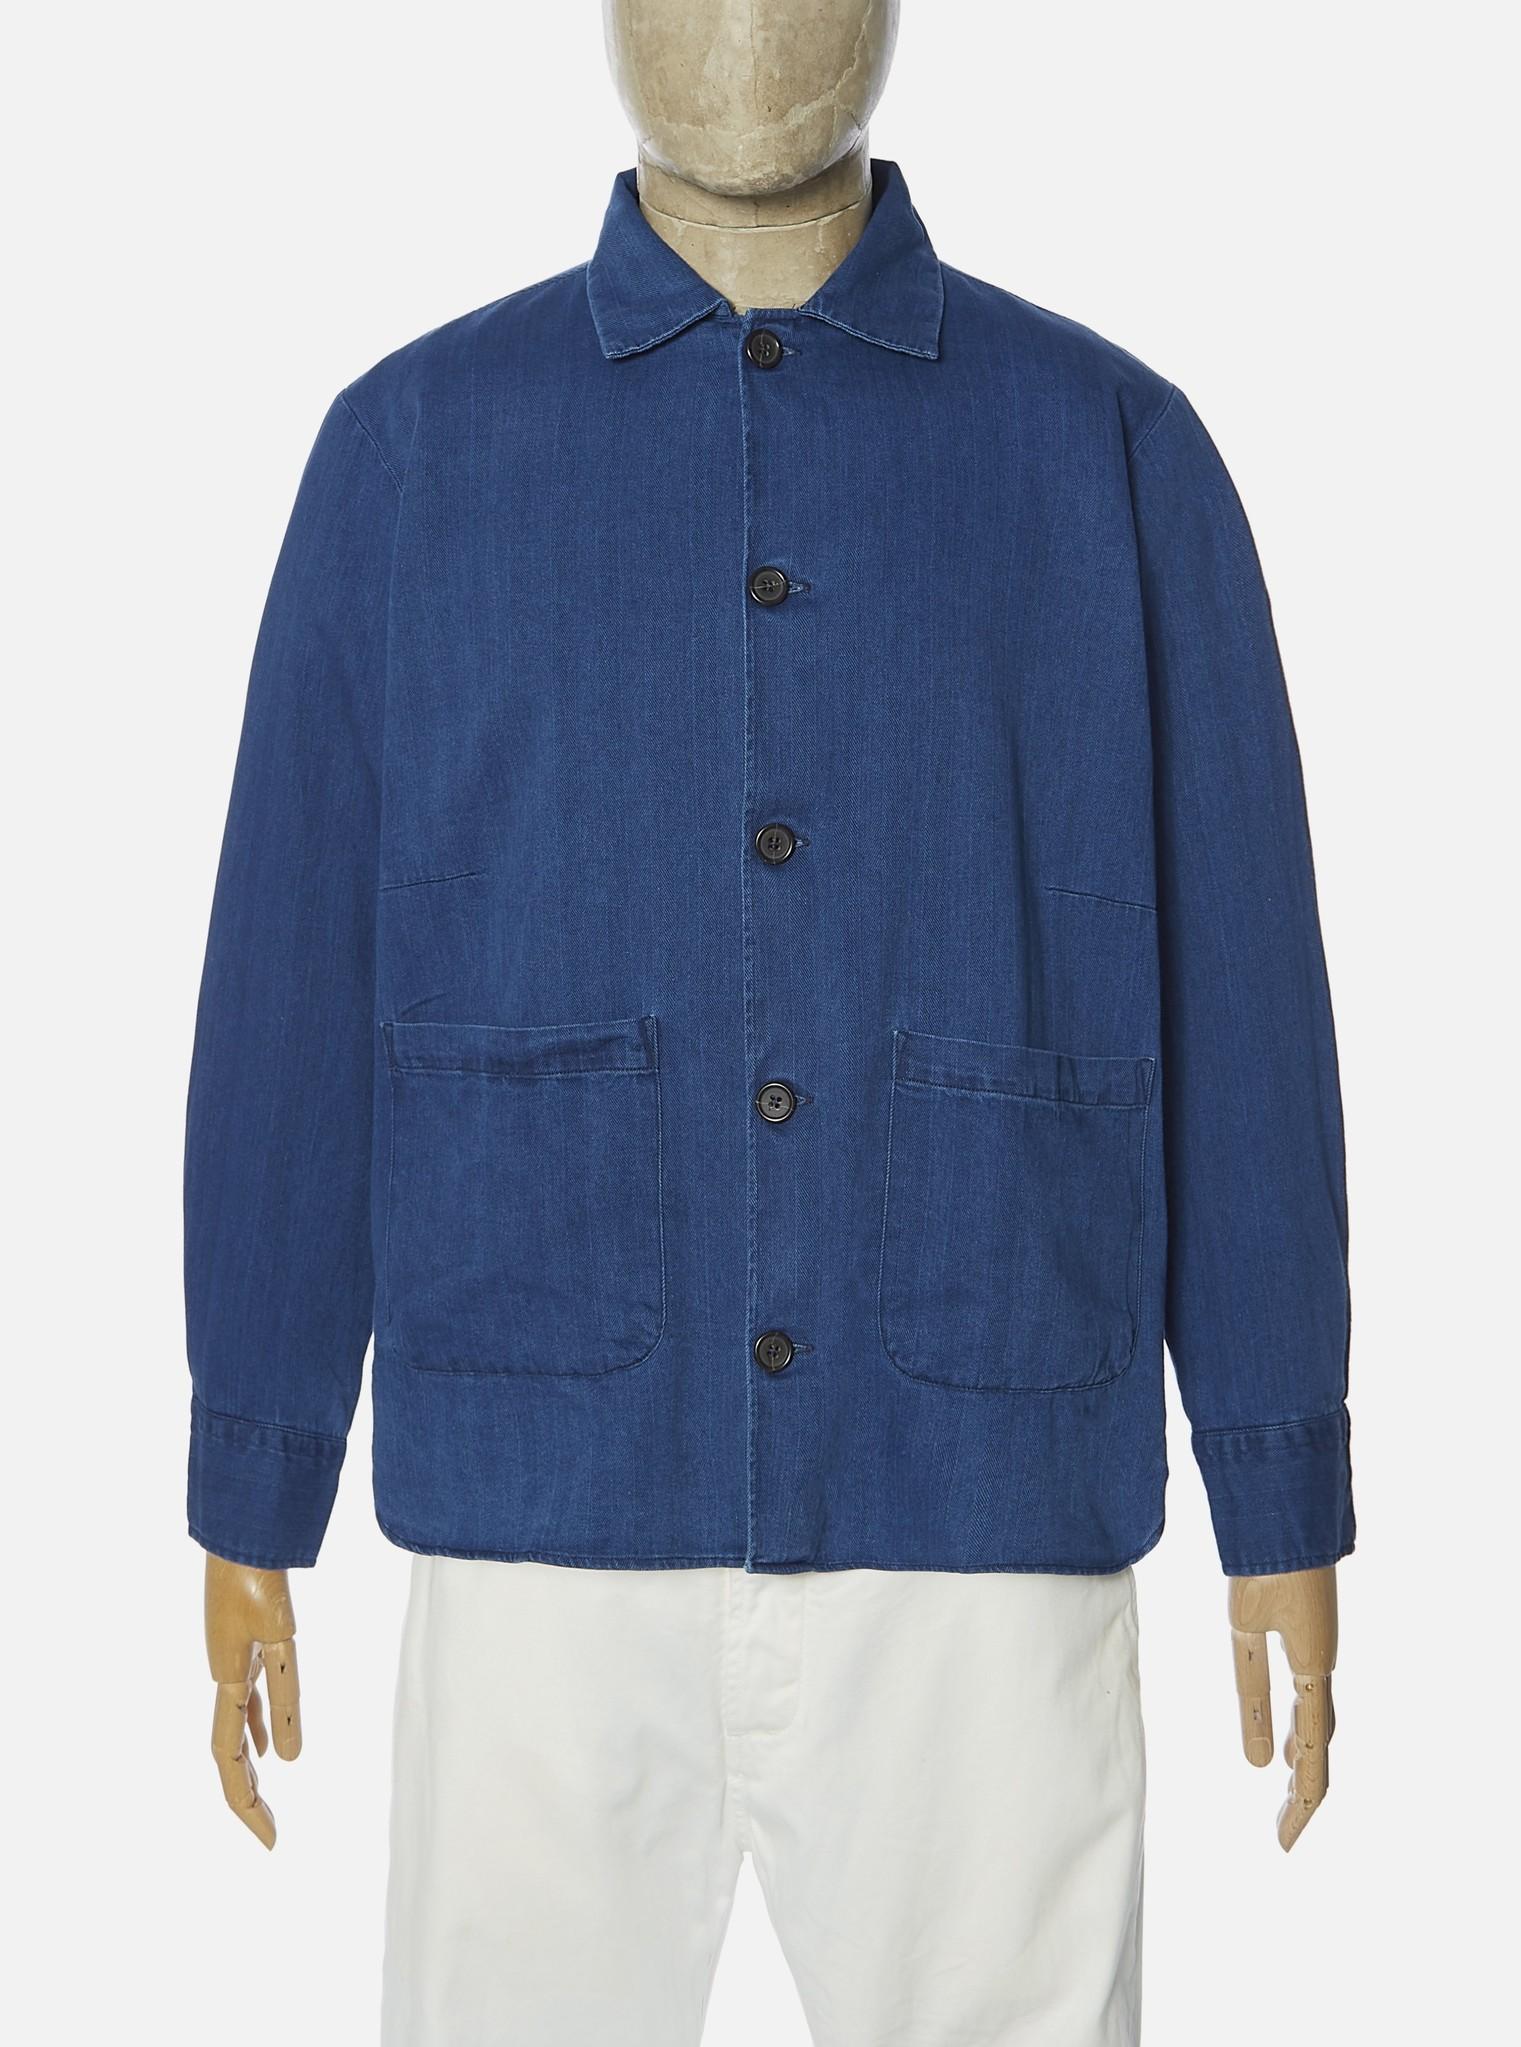 Travail Blauw Overshirt Heren Washed Indigo-1